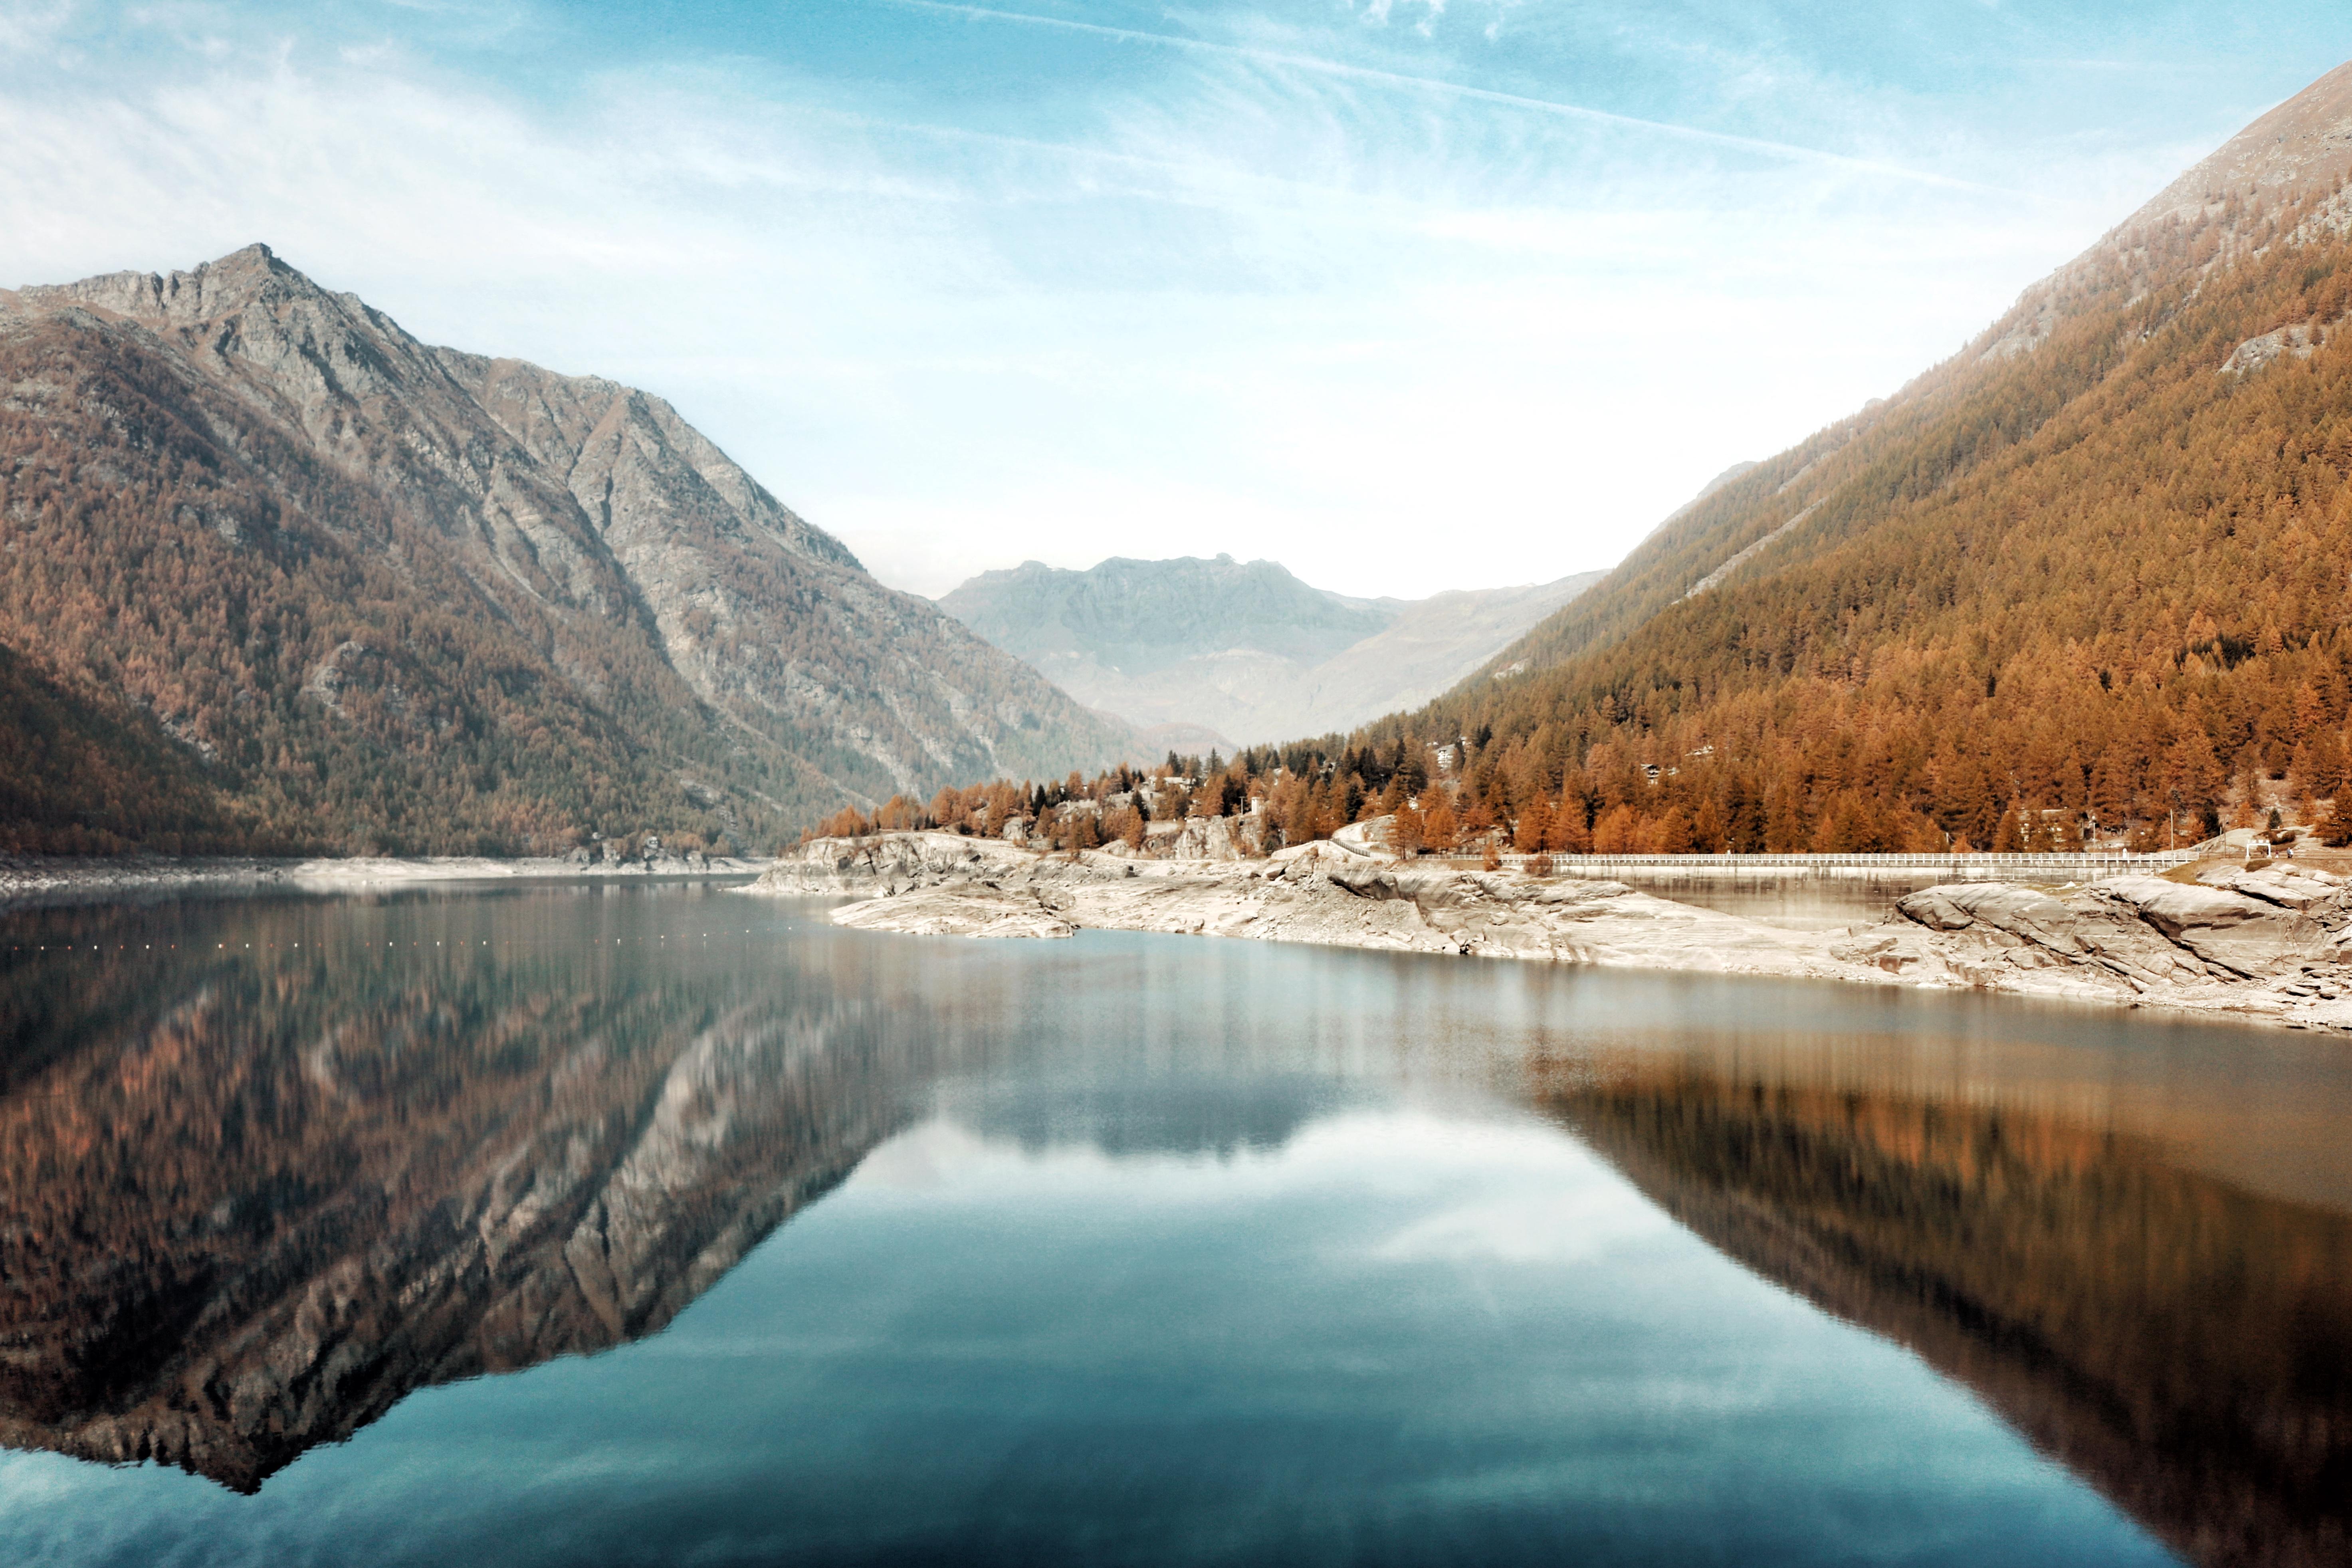 LandOutriders – Un weekend ai piedi del Parco Nazionale del Gran Paradiso con Alessio Rivolta e Francesca Garavaglia | Collater.al 6